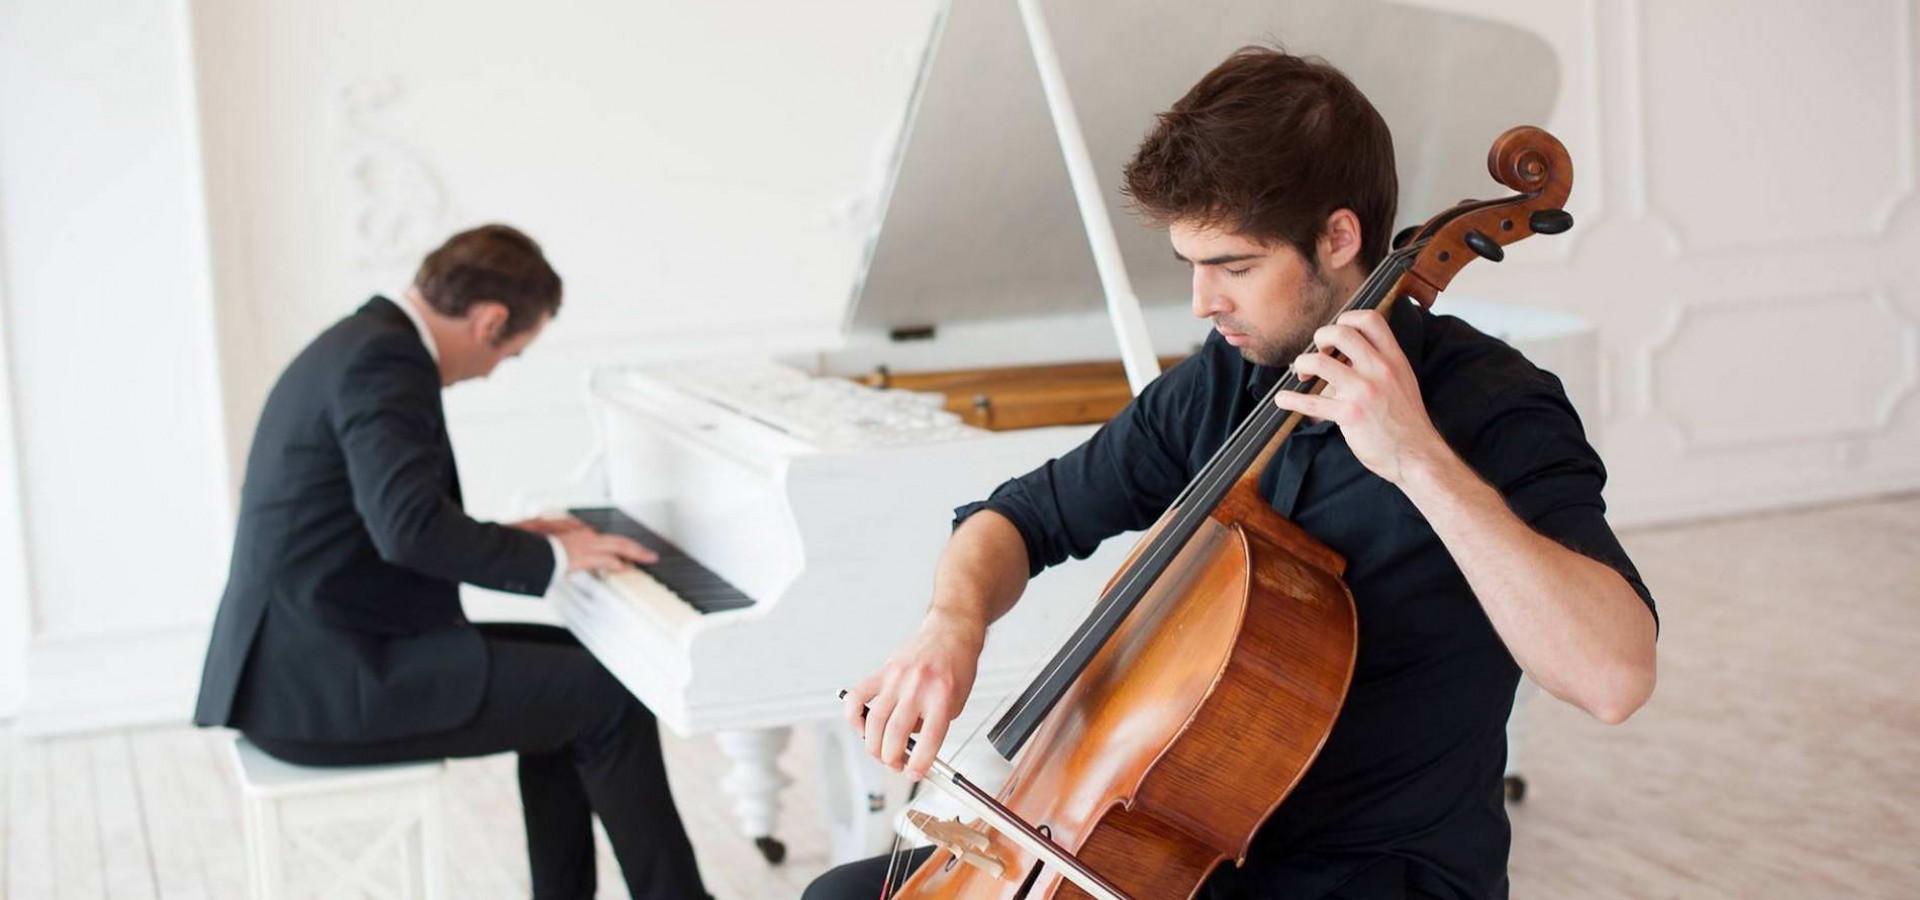 2sounds. Даниил Шавырин (виолончель). Николай Хоменко (фортепиано). Концерт в оранжерее фото